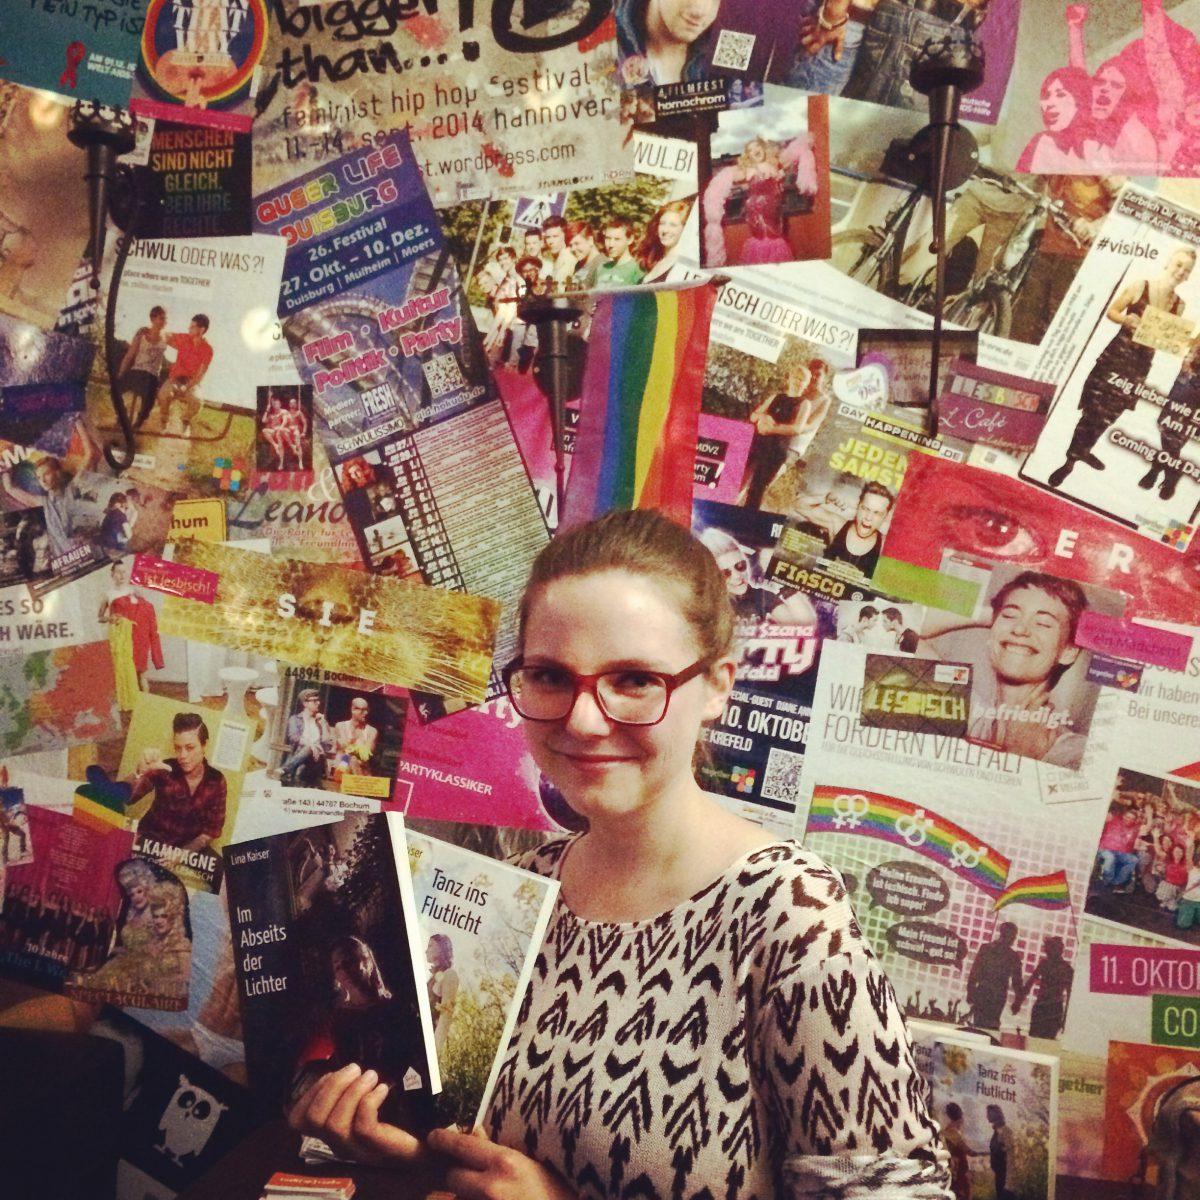 Lina Kaiser bei einer Lesung im together Mülheim vor einer LGBT-Bilderwand